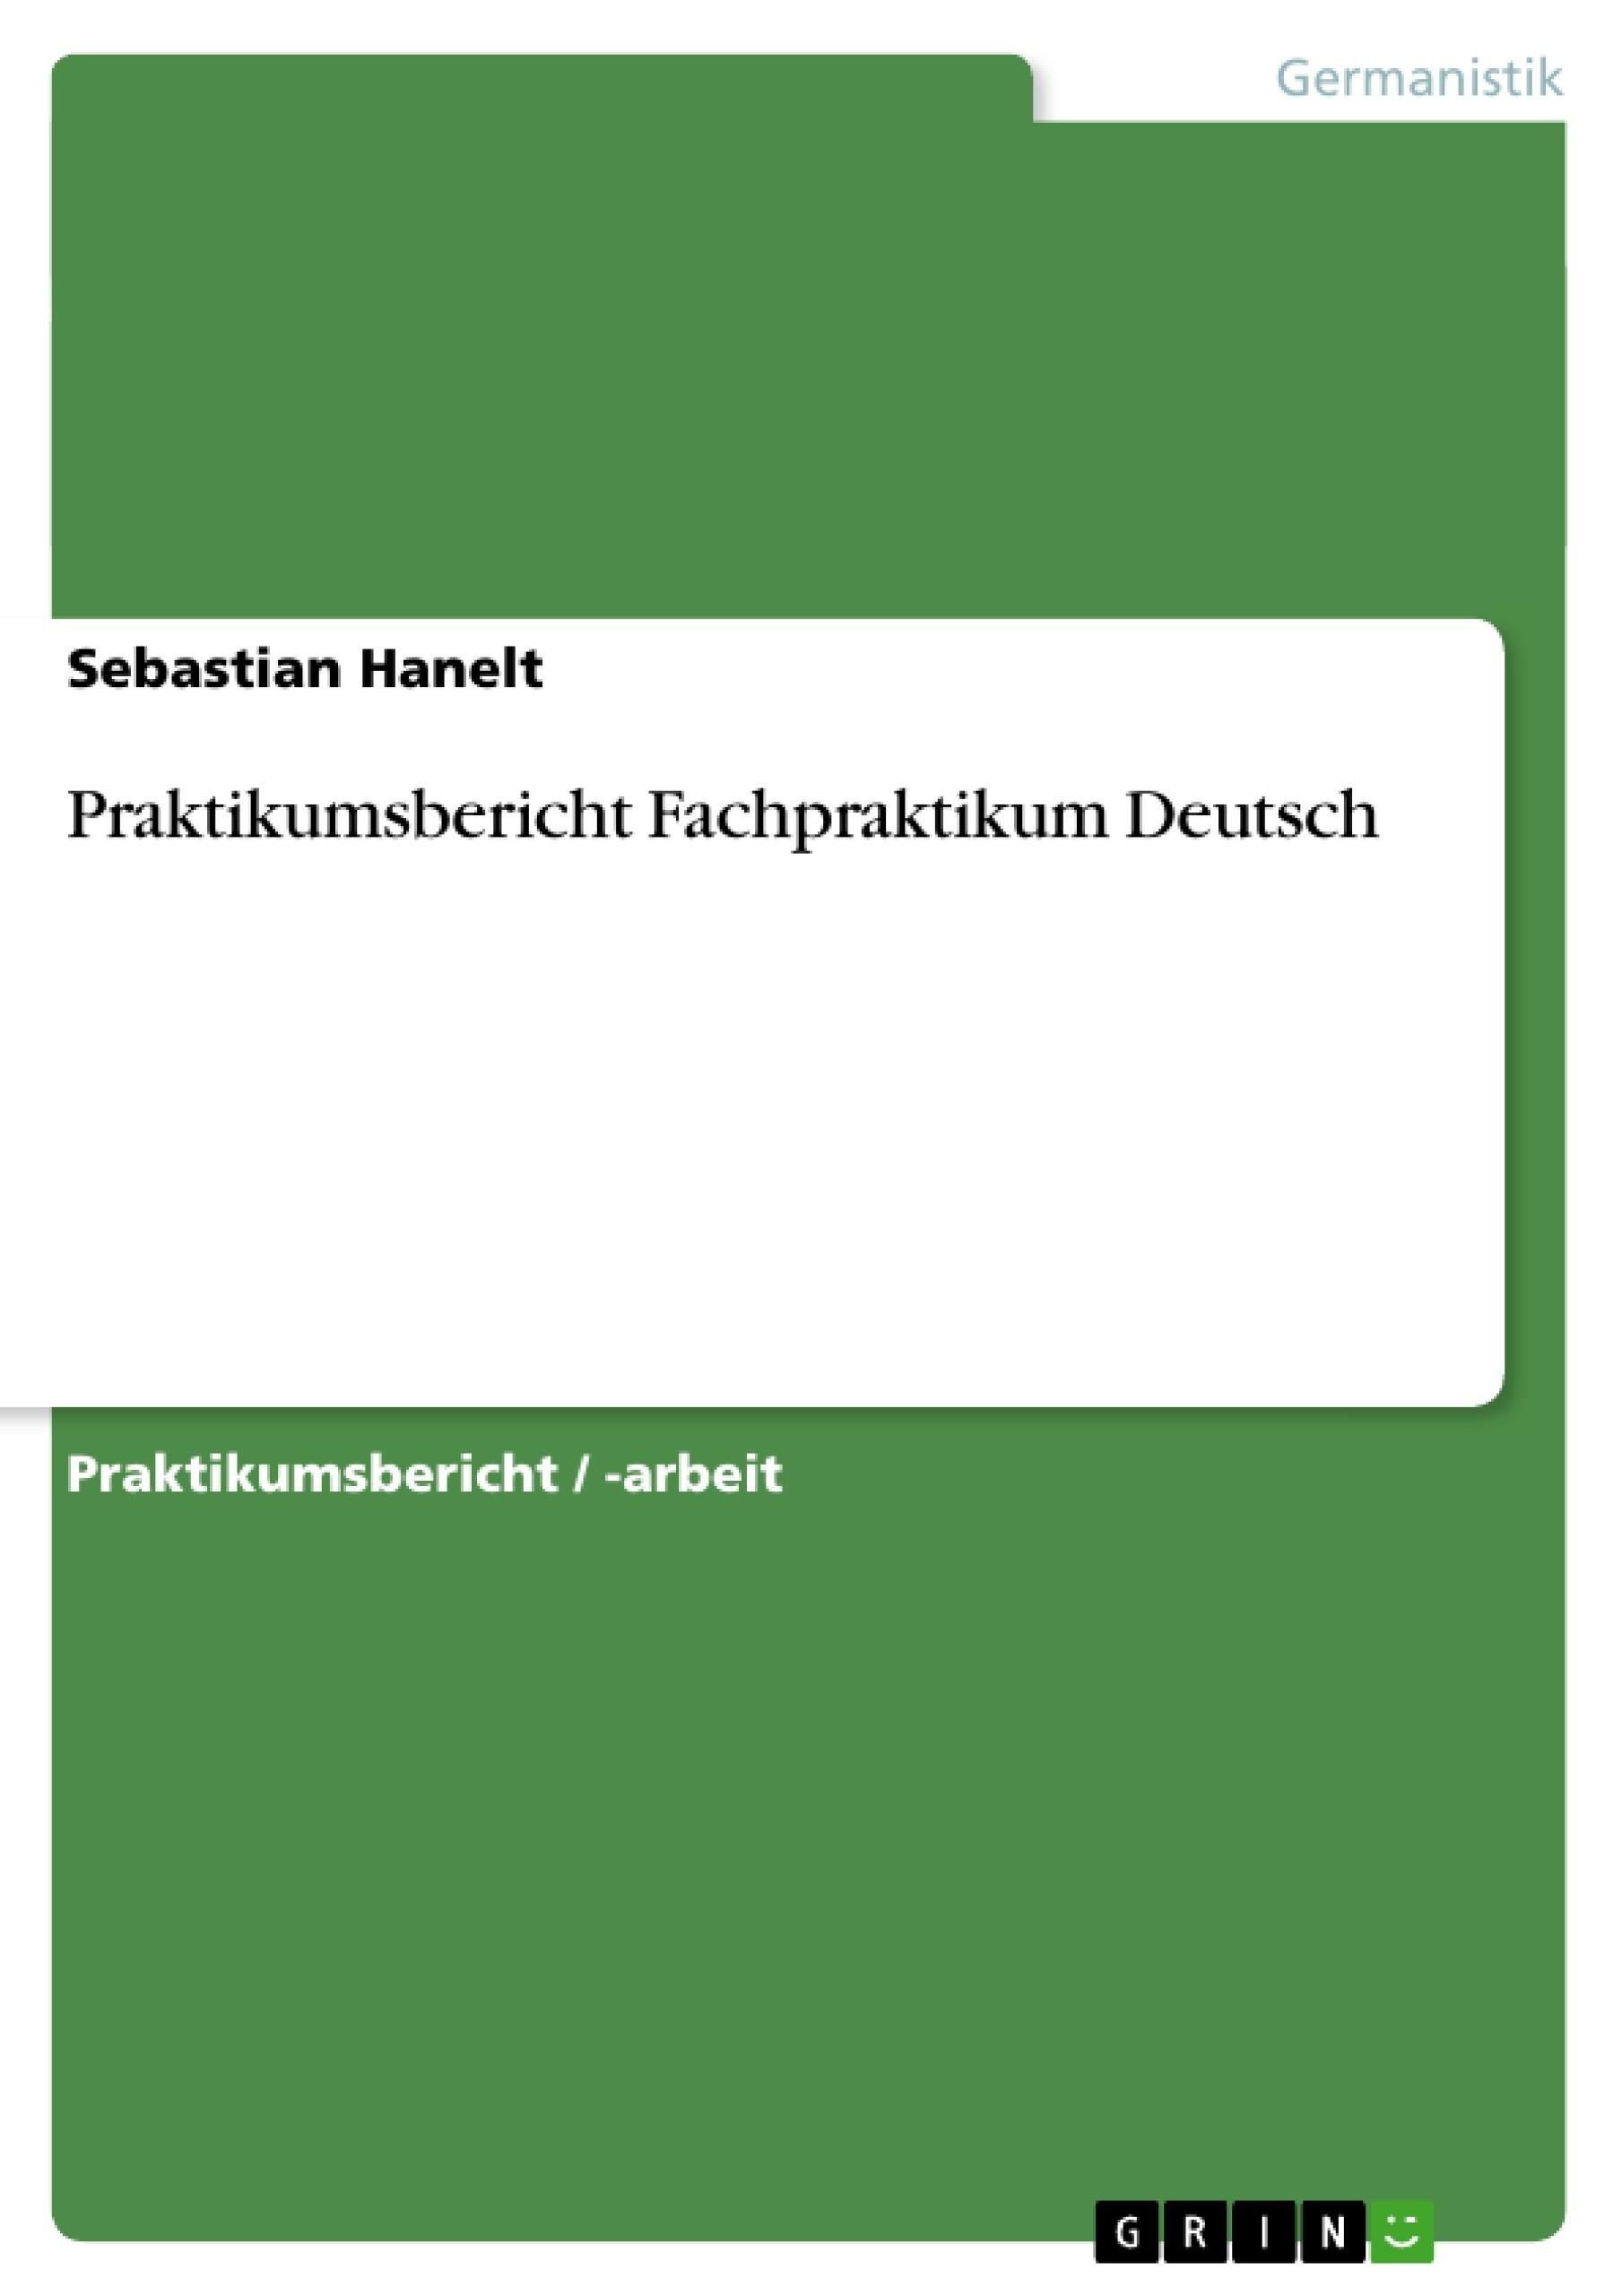 Titel: Praktikumsbericht Fachpraktikum Deutsch